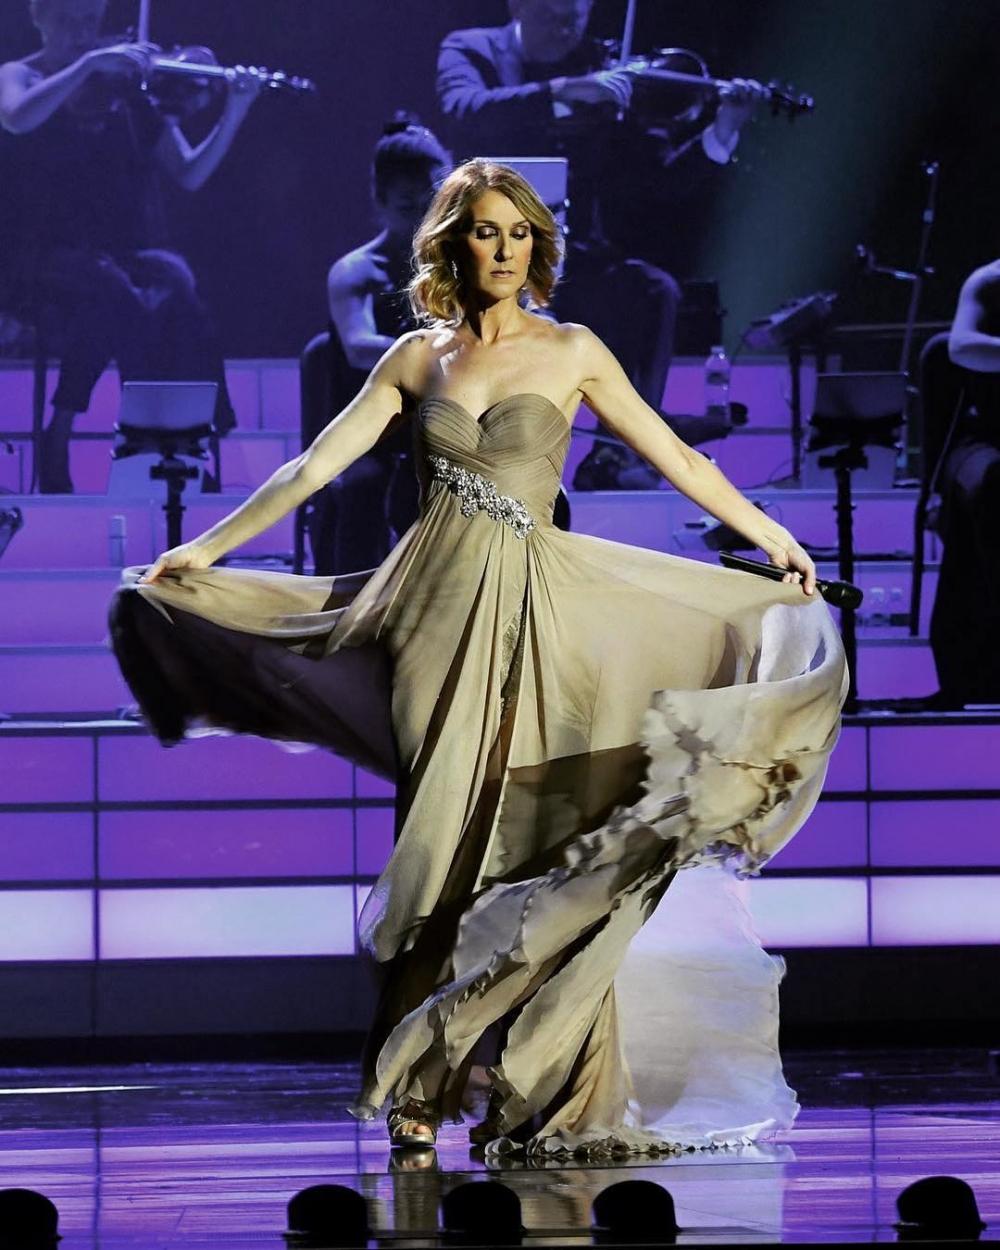 真誠的Celine Dion自然深受眾人的欣賞, 並不是沒有原因